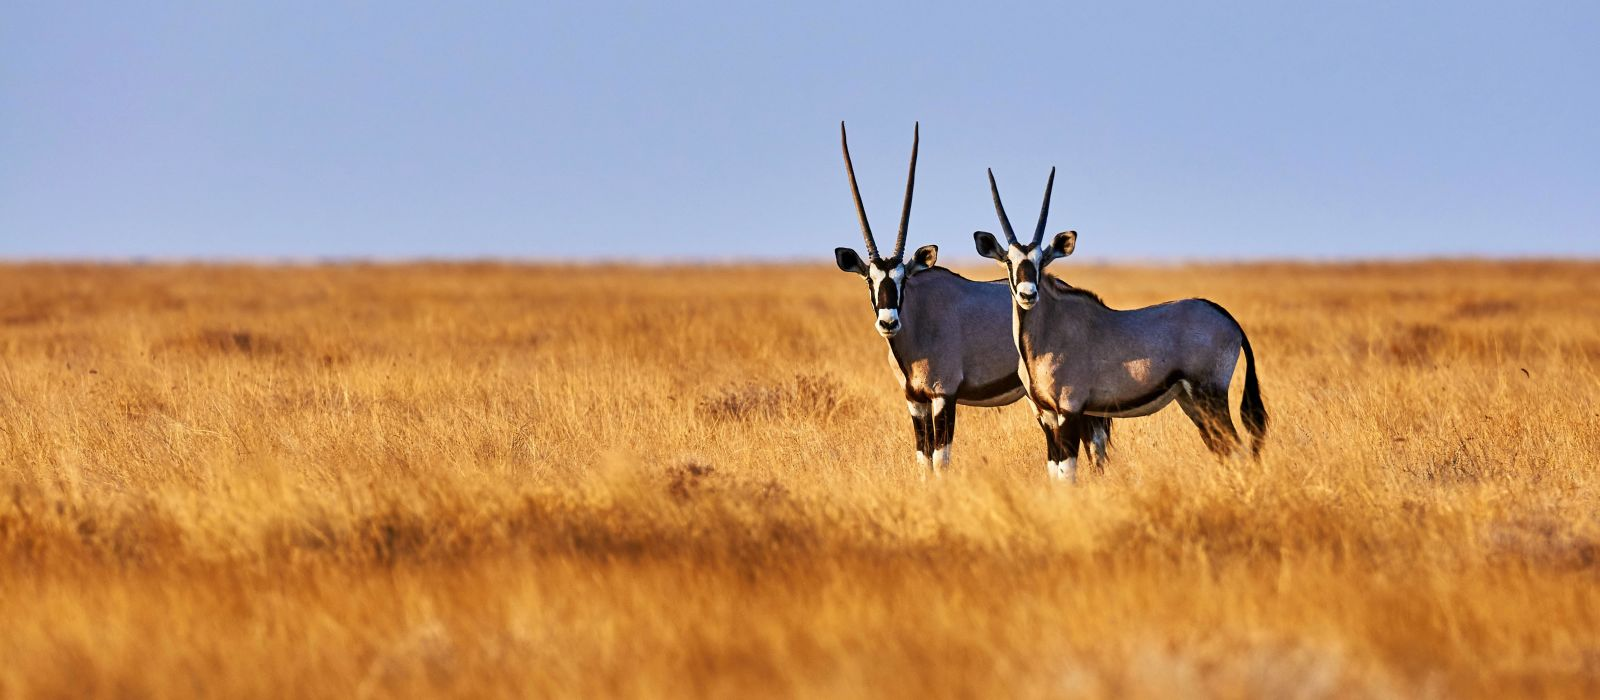 Reiseziel Etosha (von Lindequist Gate) Namibia